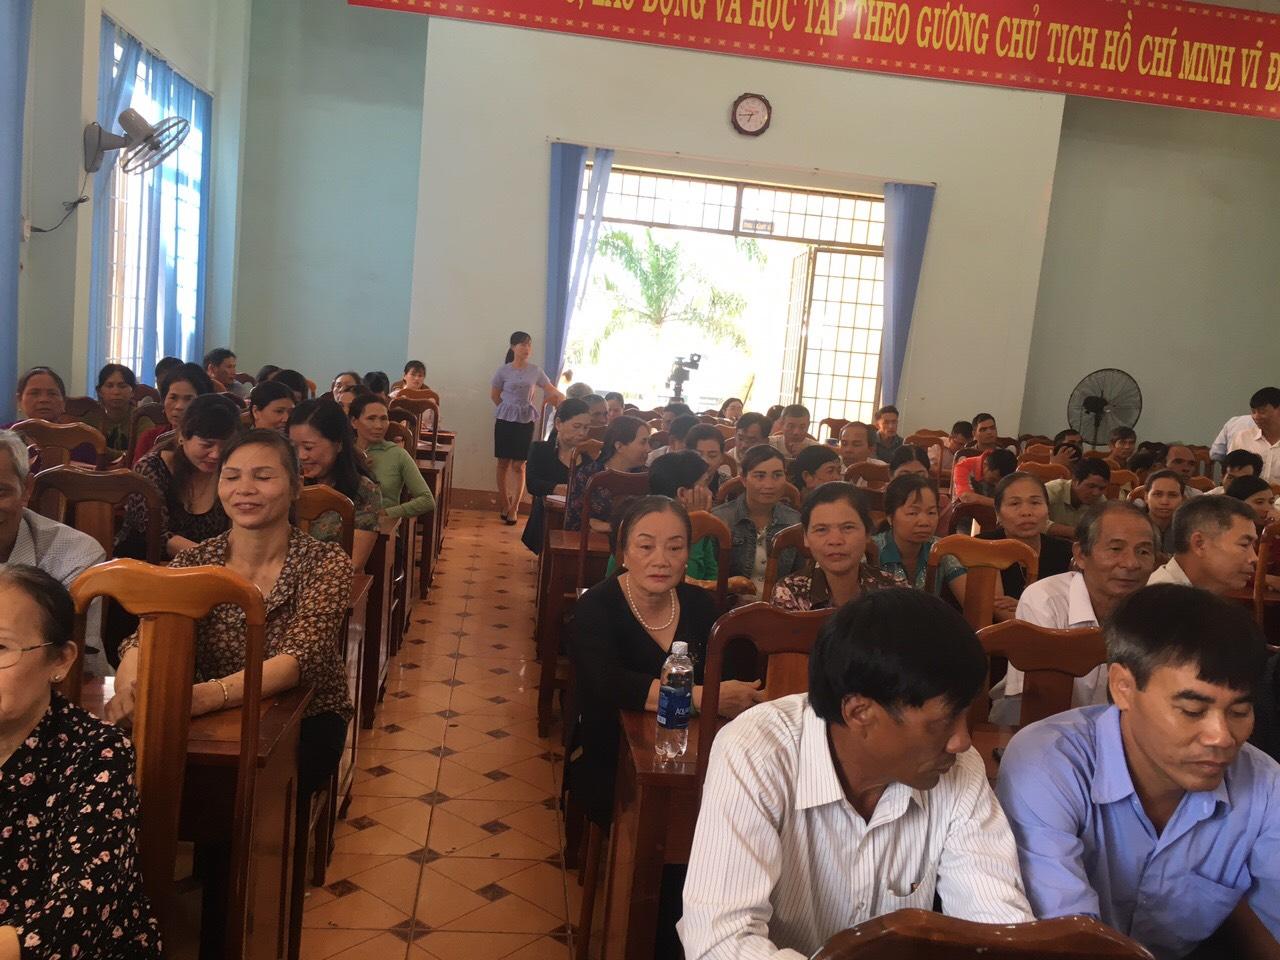 Hội Liên hiệp Phụ nữ thị trấn Ea Kar, huyện Ea Kar tổ chức Hội nghị Đối thoại giữa người đứng đầu cấp ủy, chính quyền với cán bộ, hội viên phụ nữ và nhân dân trên địa bàn thị trấn.